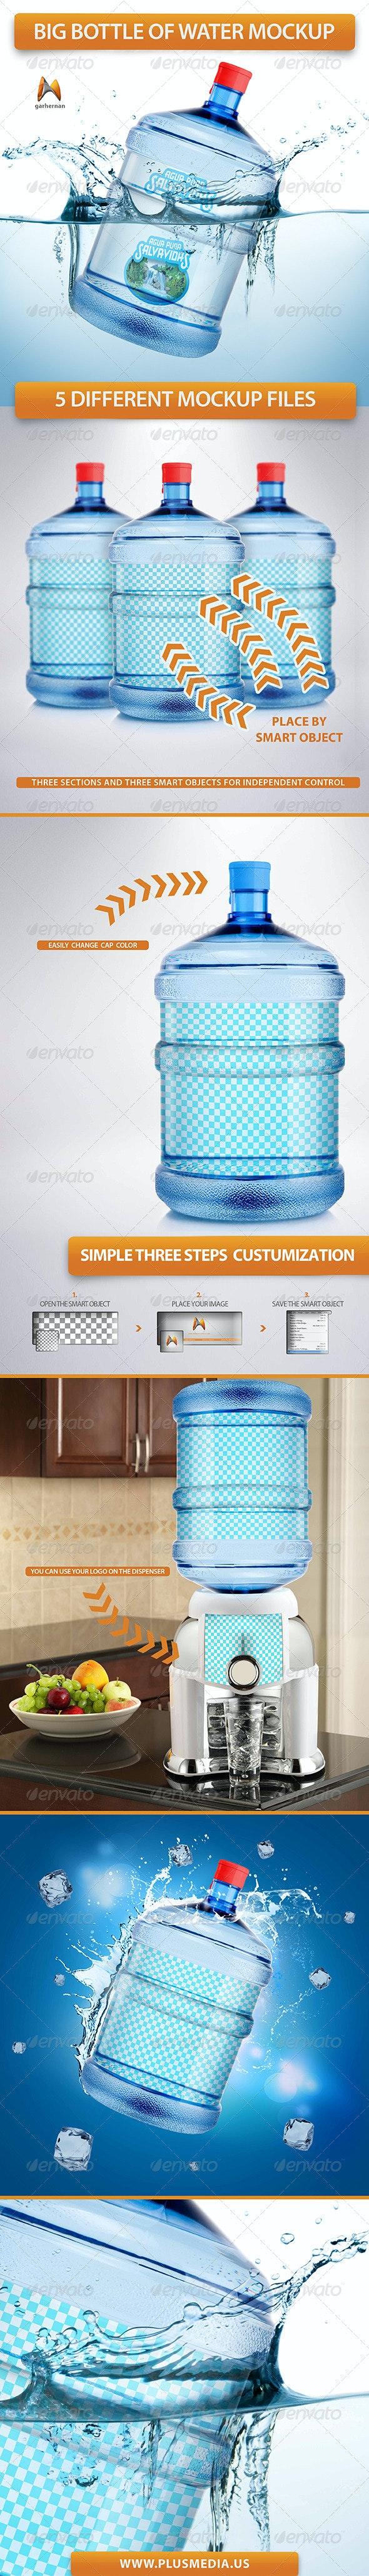 Big Bottle of Water Mockup - Product Mock-Ups Graphics